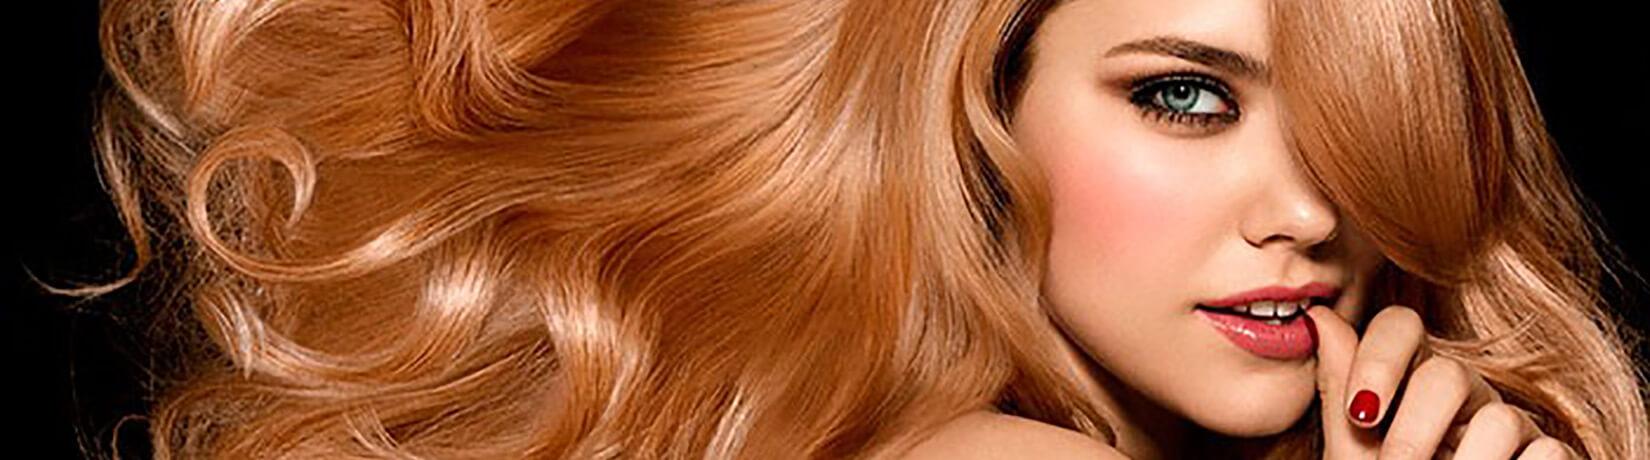 Догляд за пошкодженим волоссям: народні засоби